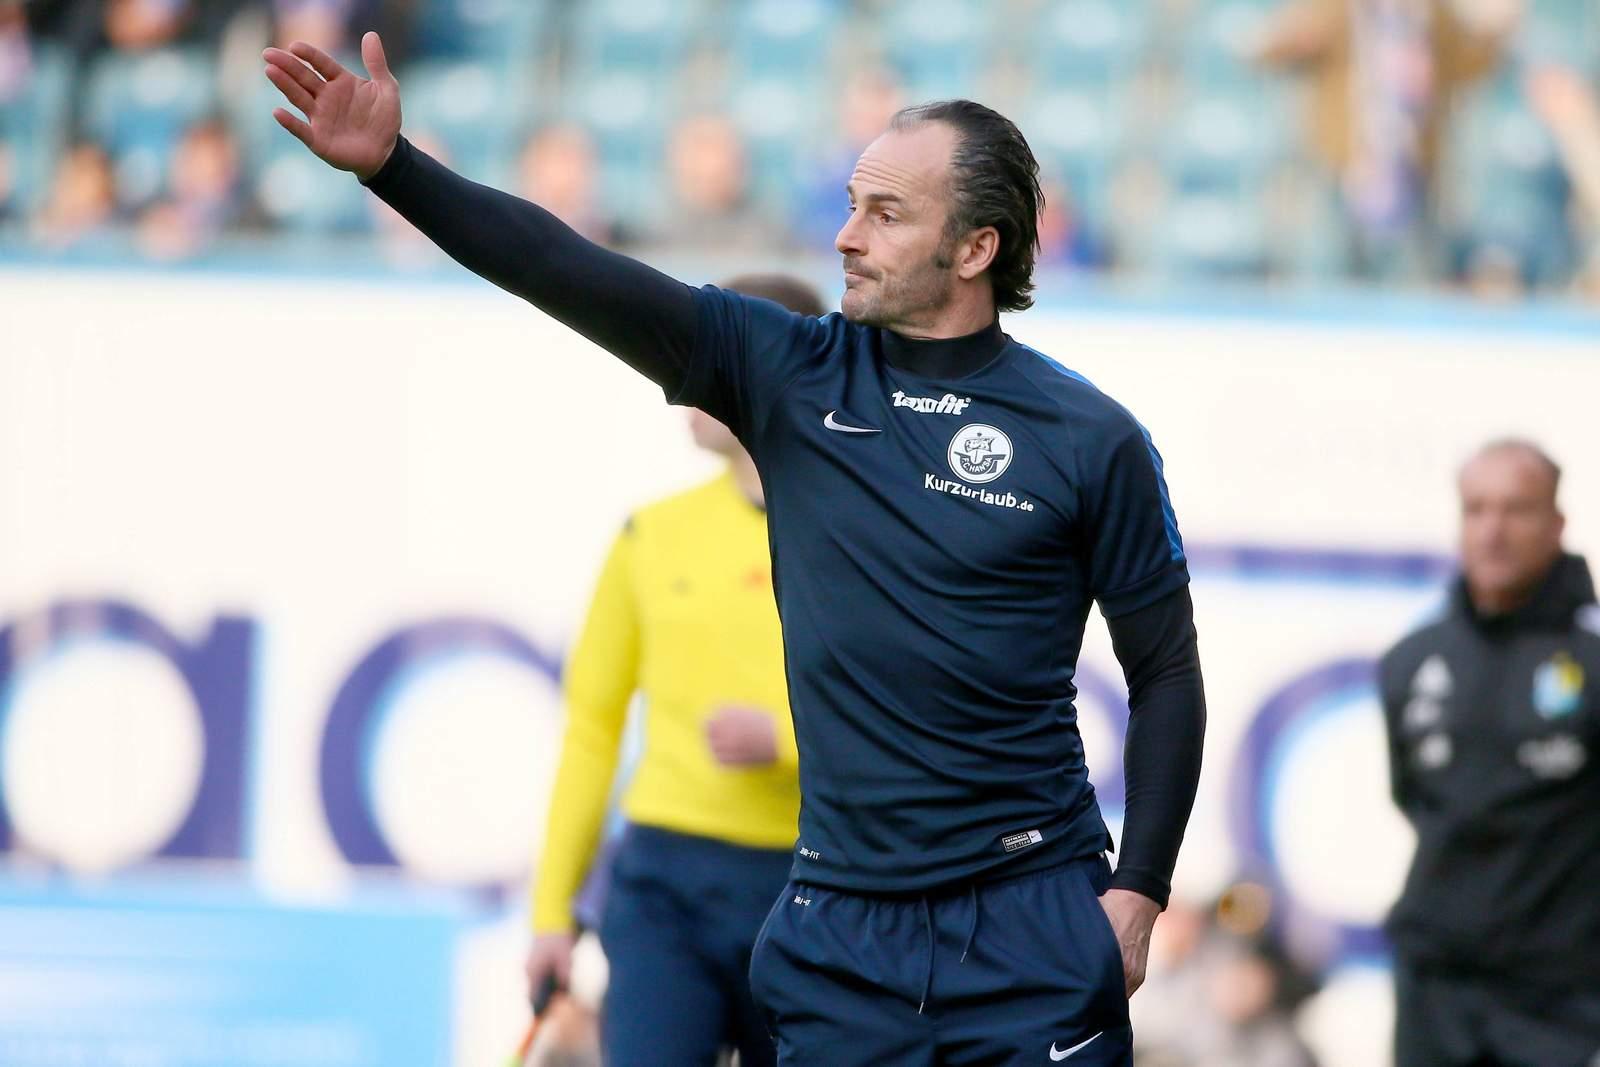 Christian Brand coacht den FC Hansa Rostock